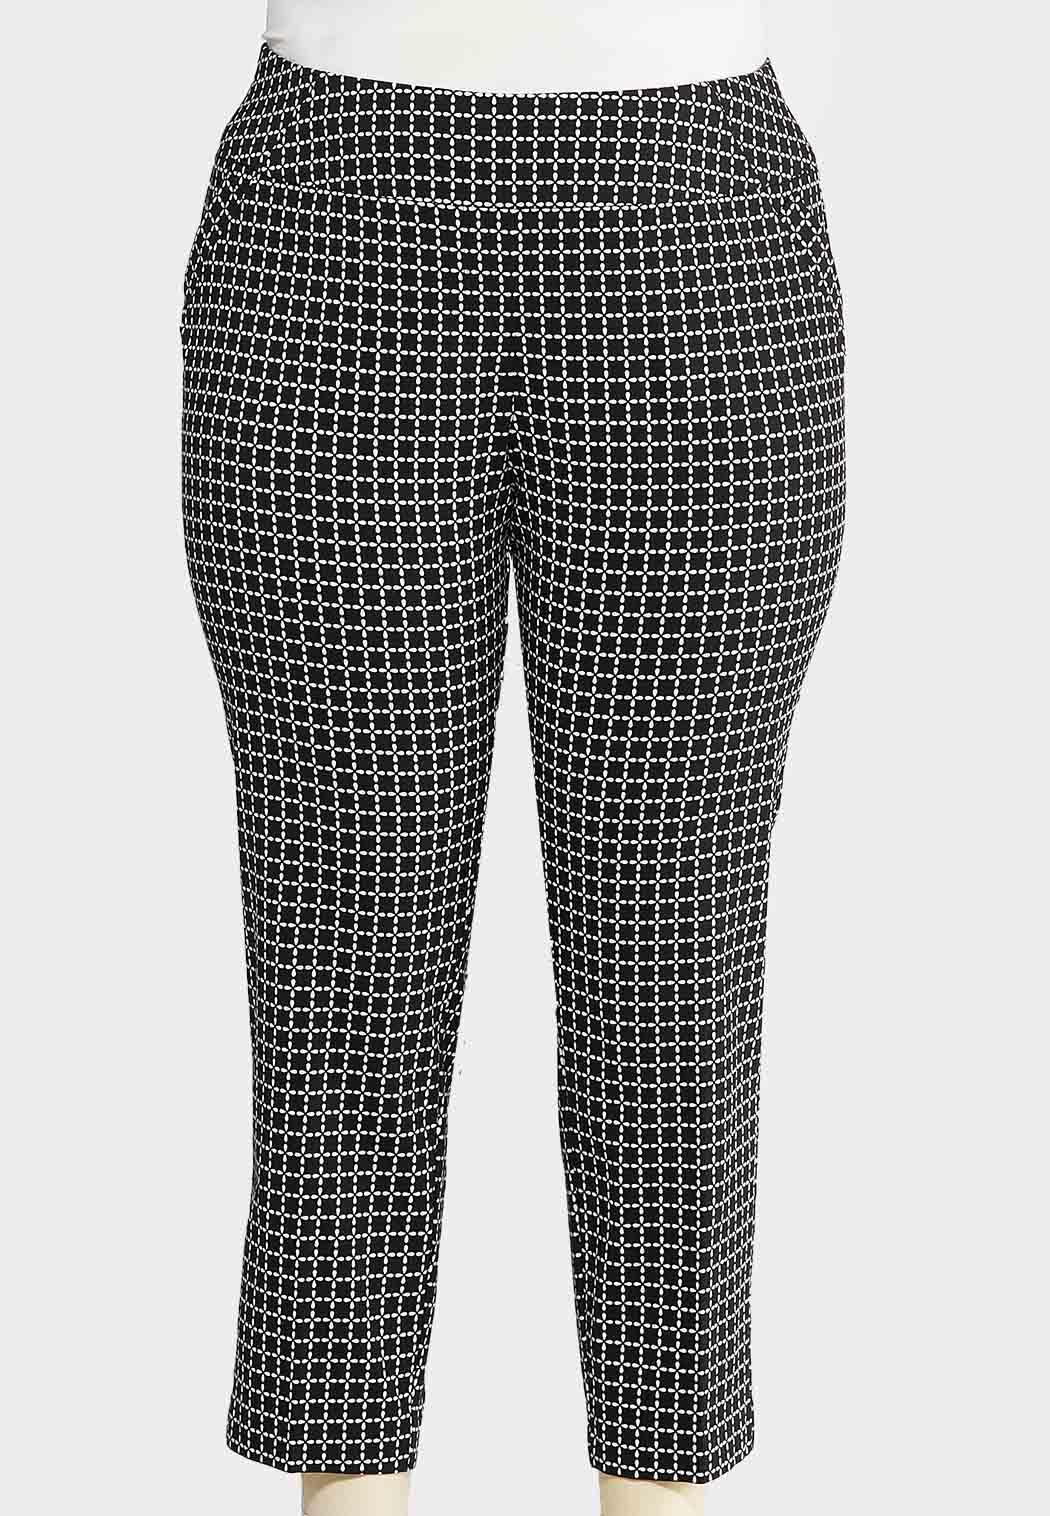 Plus Size Mod Ankle Pants